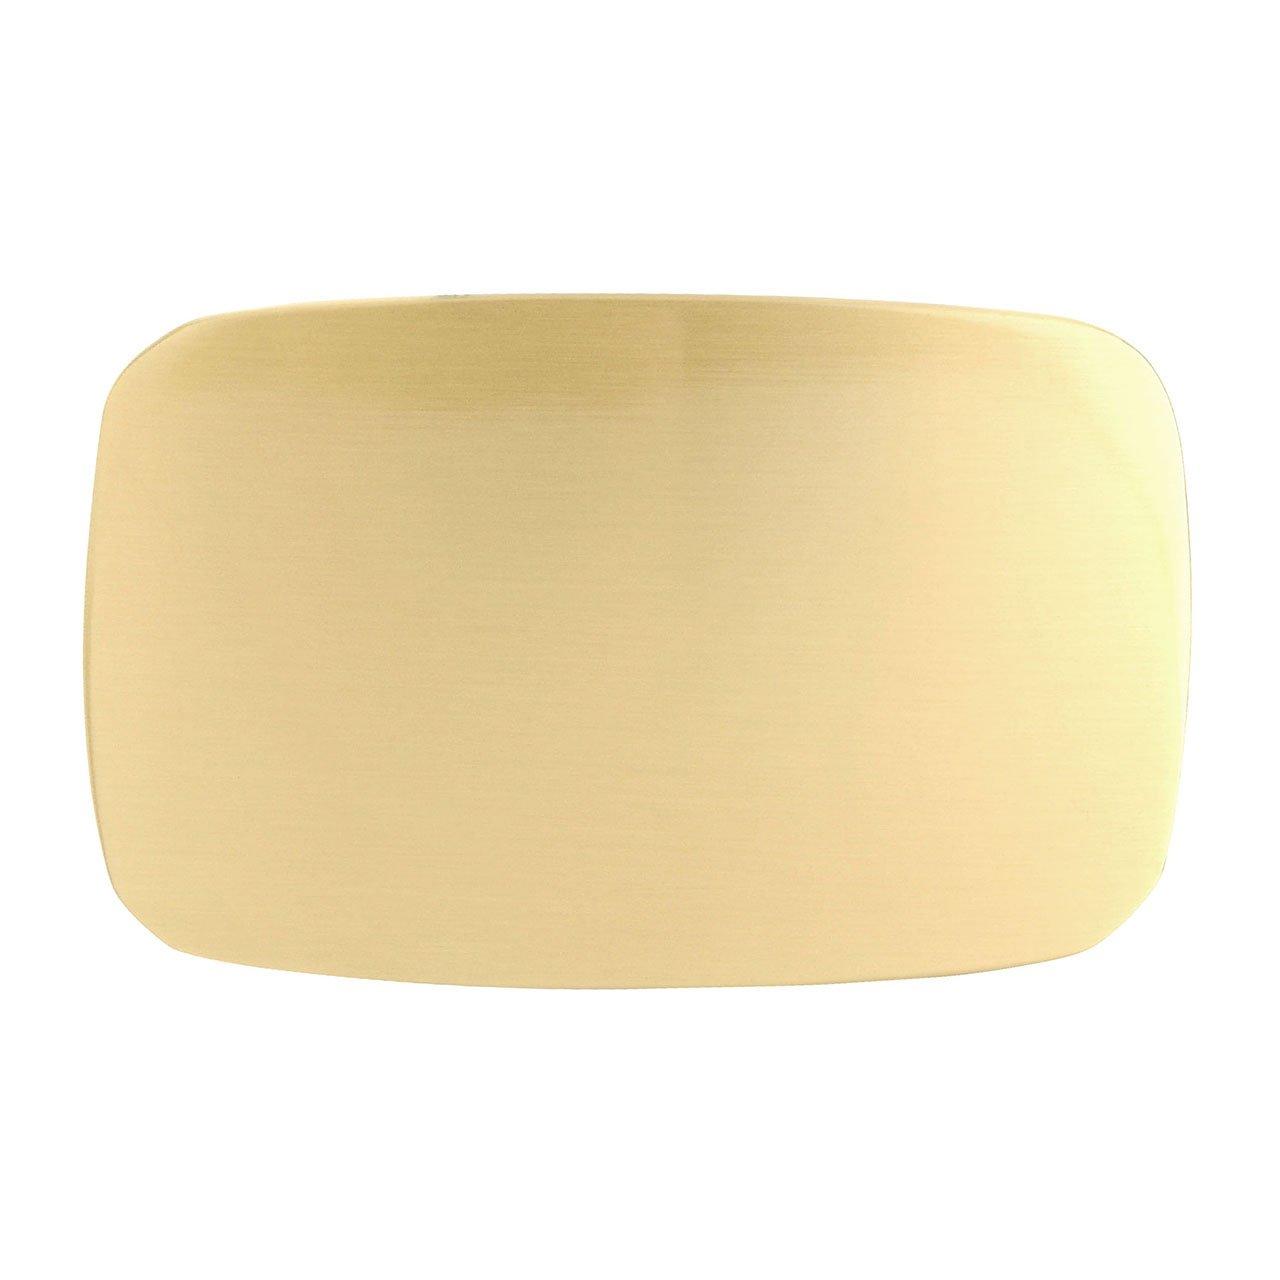 Faleto Quadrat Form Gürtelschnalle Stoffgürtel Schnalle Canvas Gürtel Belts Buckle für 3.8cm Riemen, für Herren und Damen, Gold für Herren und Damen